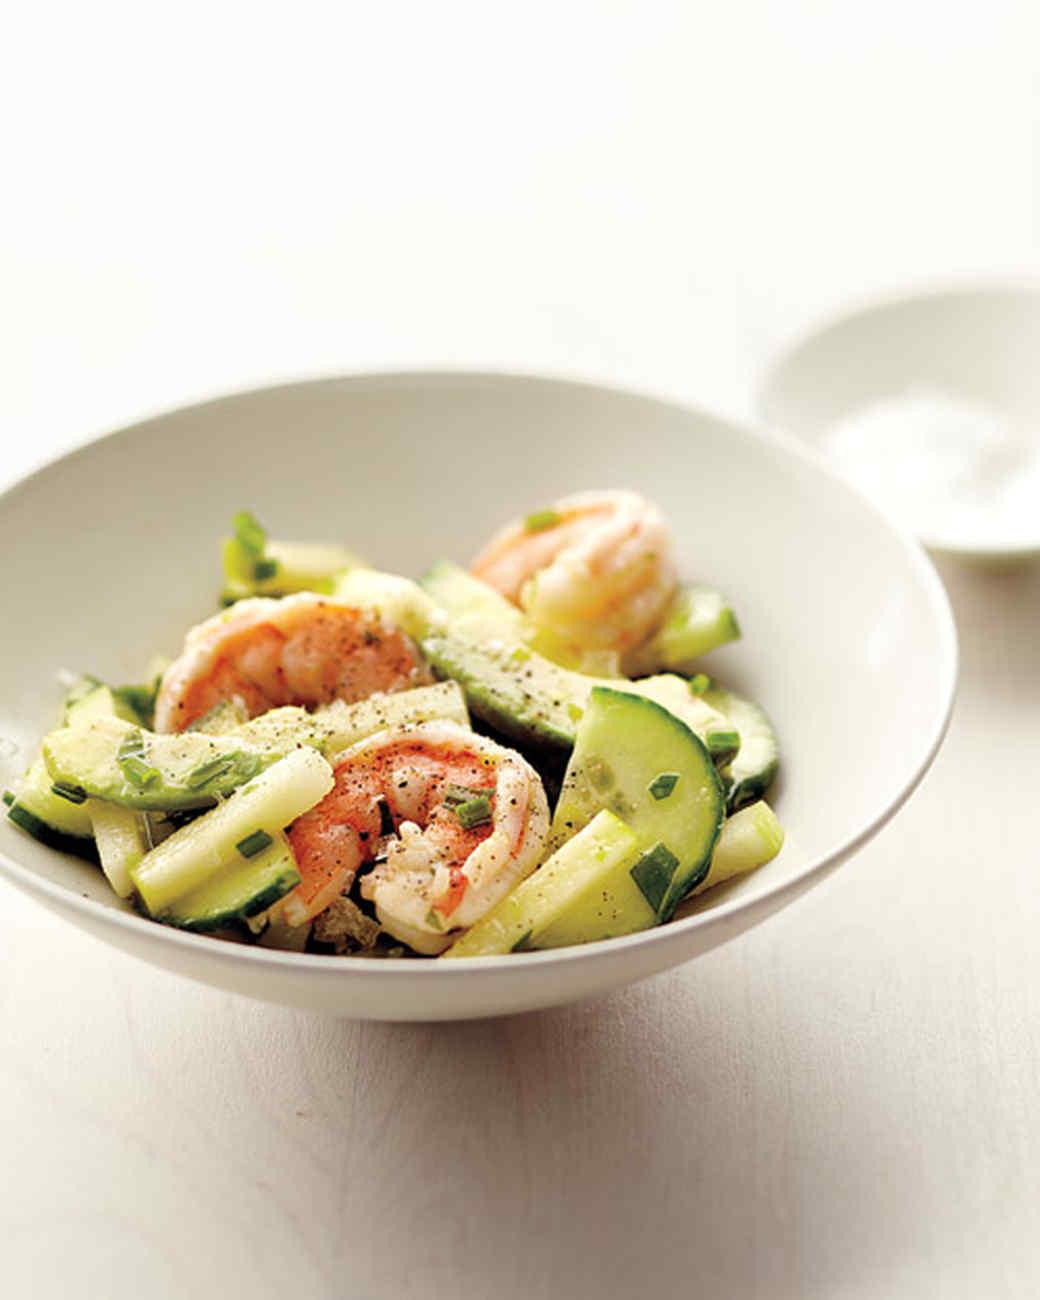 Avocado and Shrimp Salad